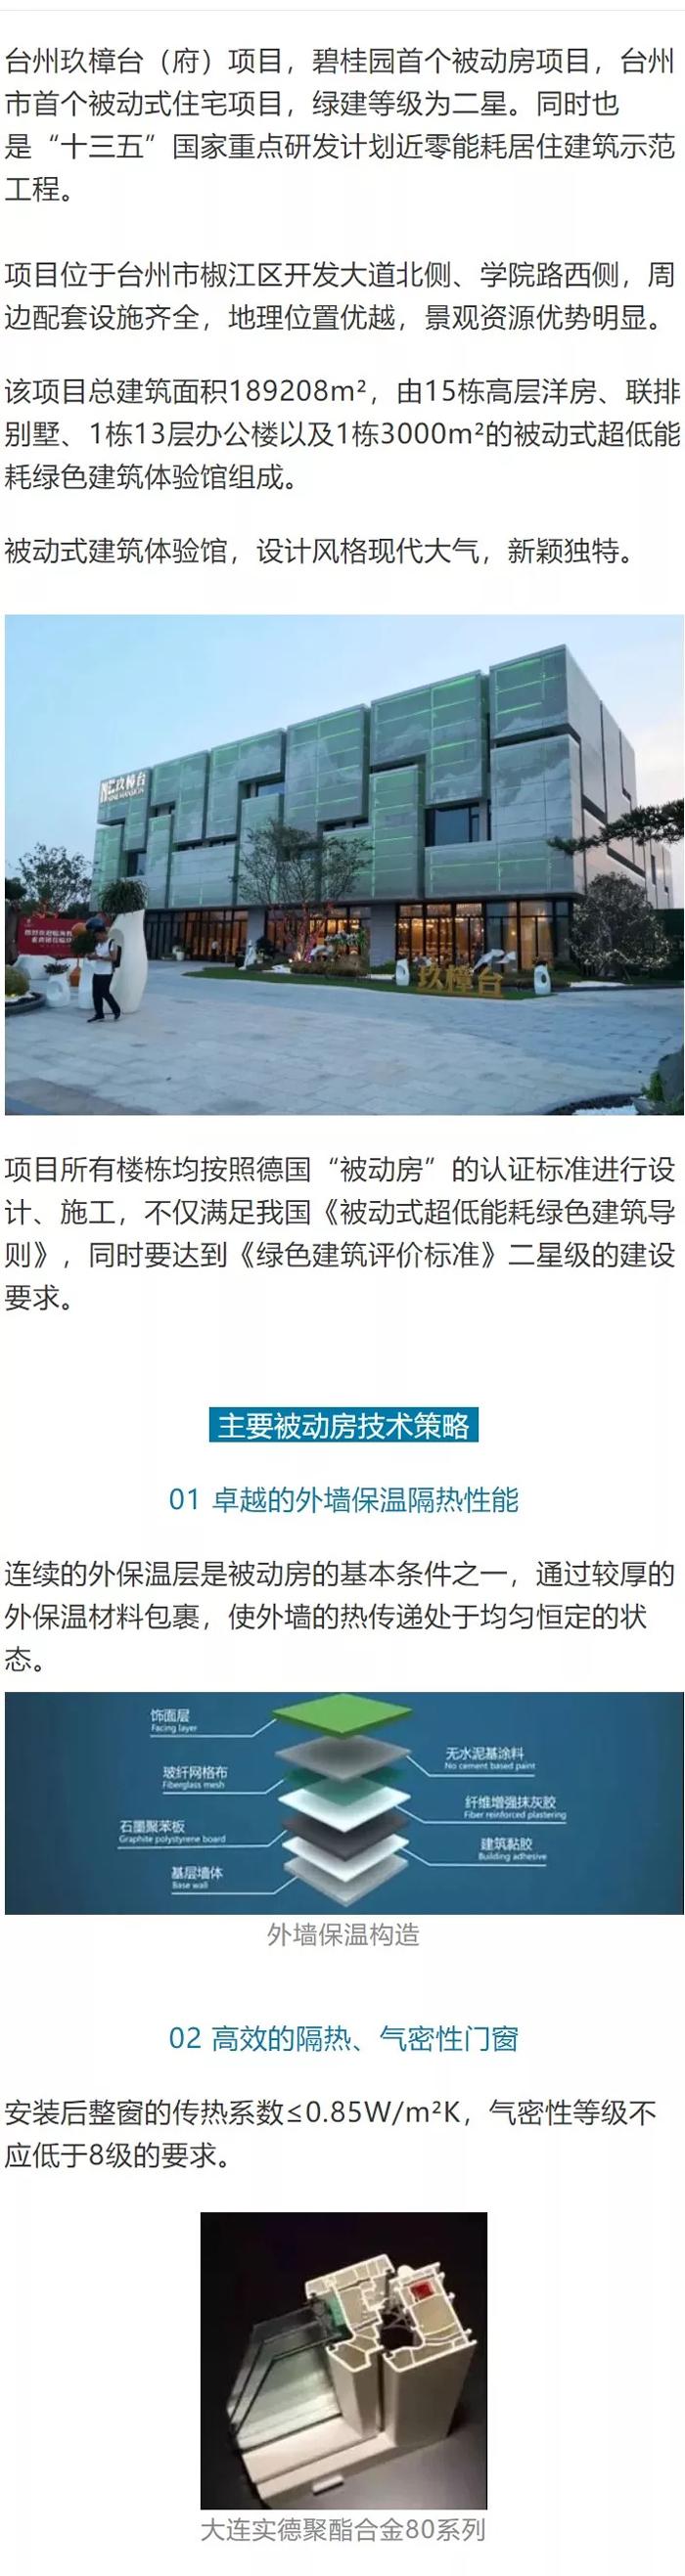 碧桂园1.webp.jpg